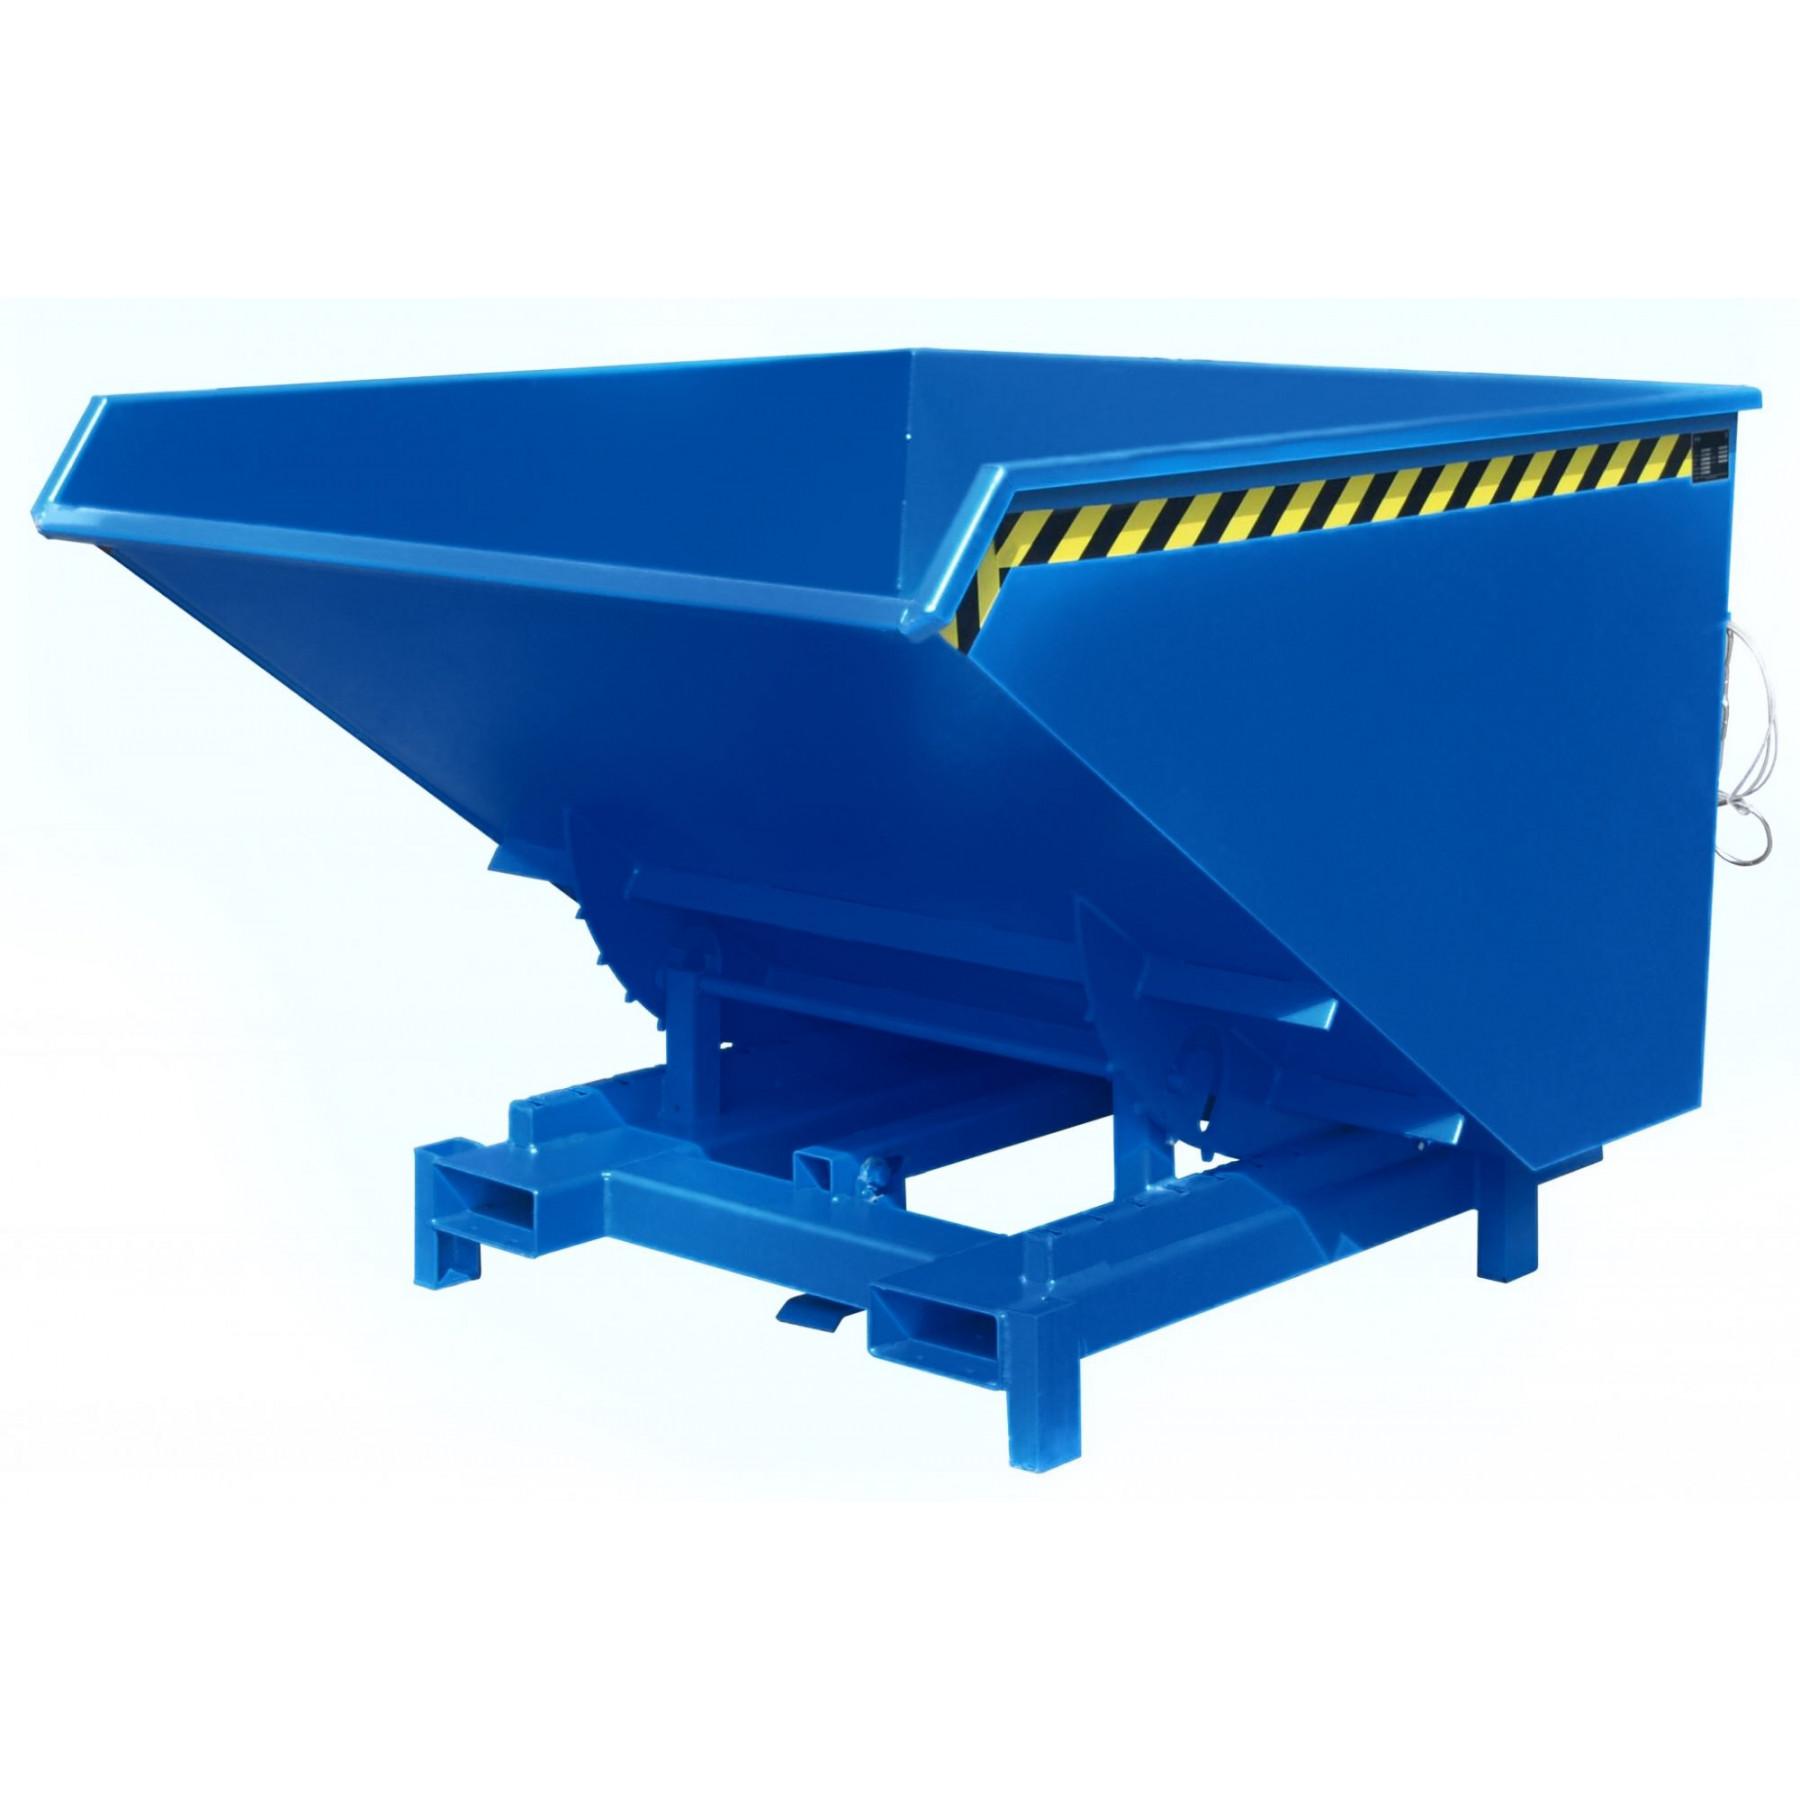 Kiepcontainer extra zwaar 2100 liter, MTF-SK-2100-5001